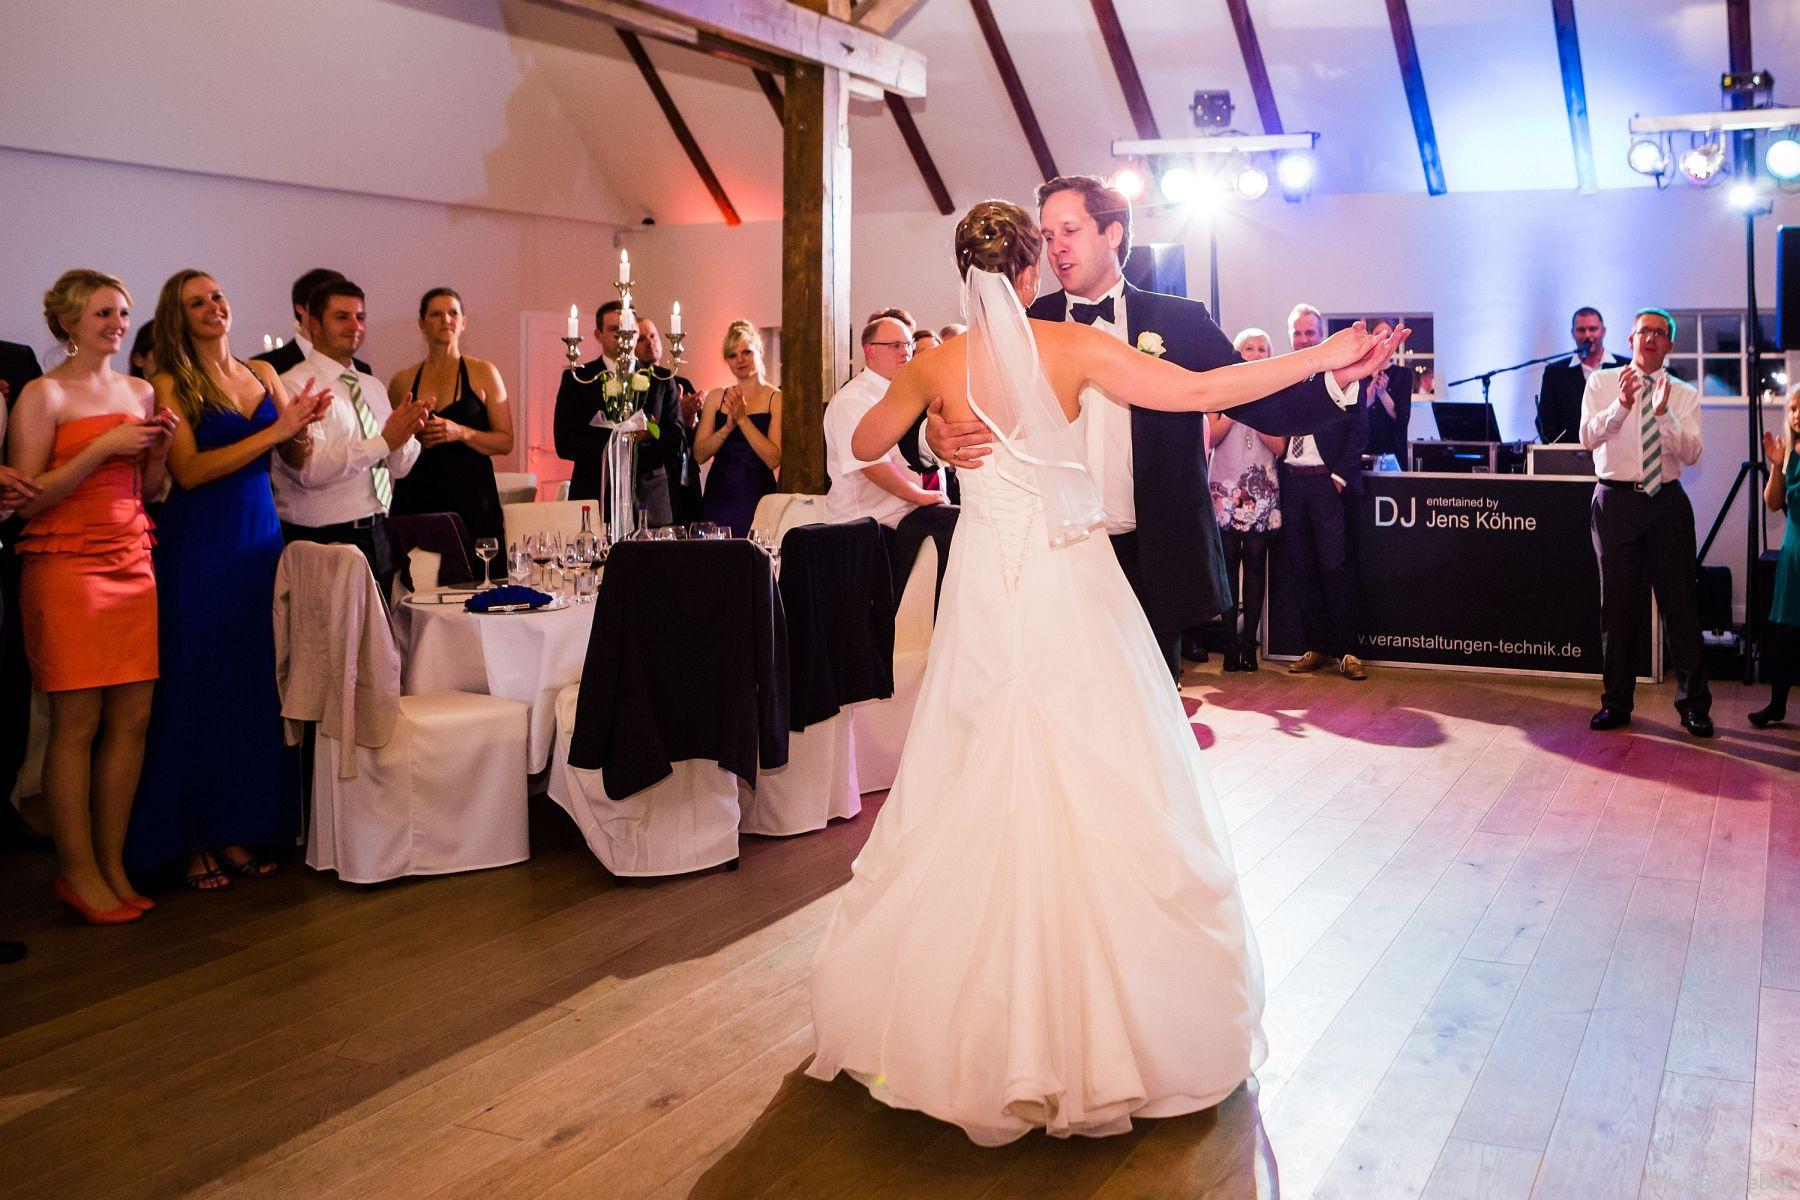 Hochzeitsfotograf Rastede: Kirchliche Trauung in der St. Ulrichs Kirche Rastede und Hochzeitsfeier in der Eventscheune St Georg Rastede mit dem Catering von Michael Niebuhr aus Oldenburg (50)